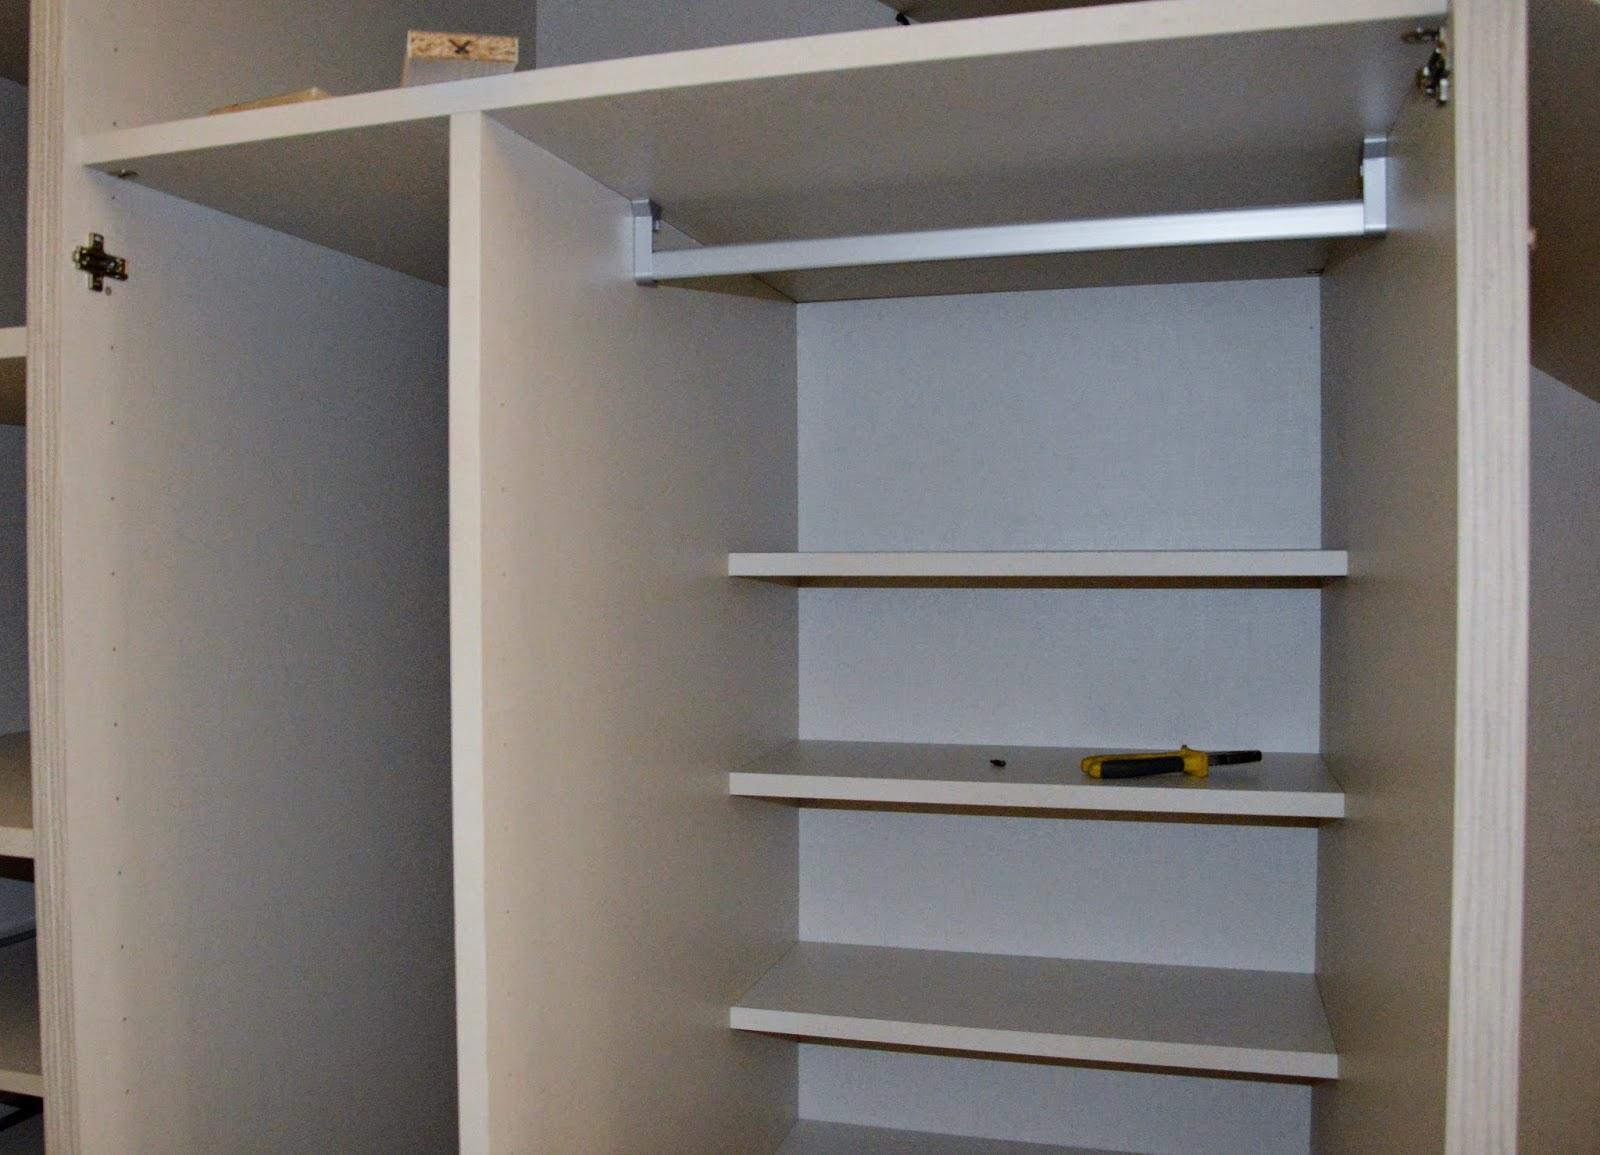 Nuestro armario en el hueco bajo la escalera paperblog for Armarios para escaleras